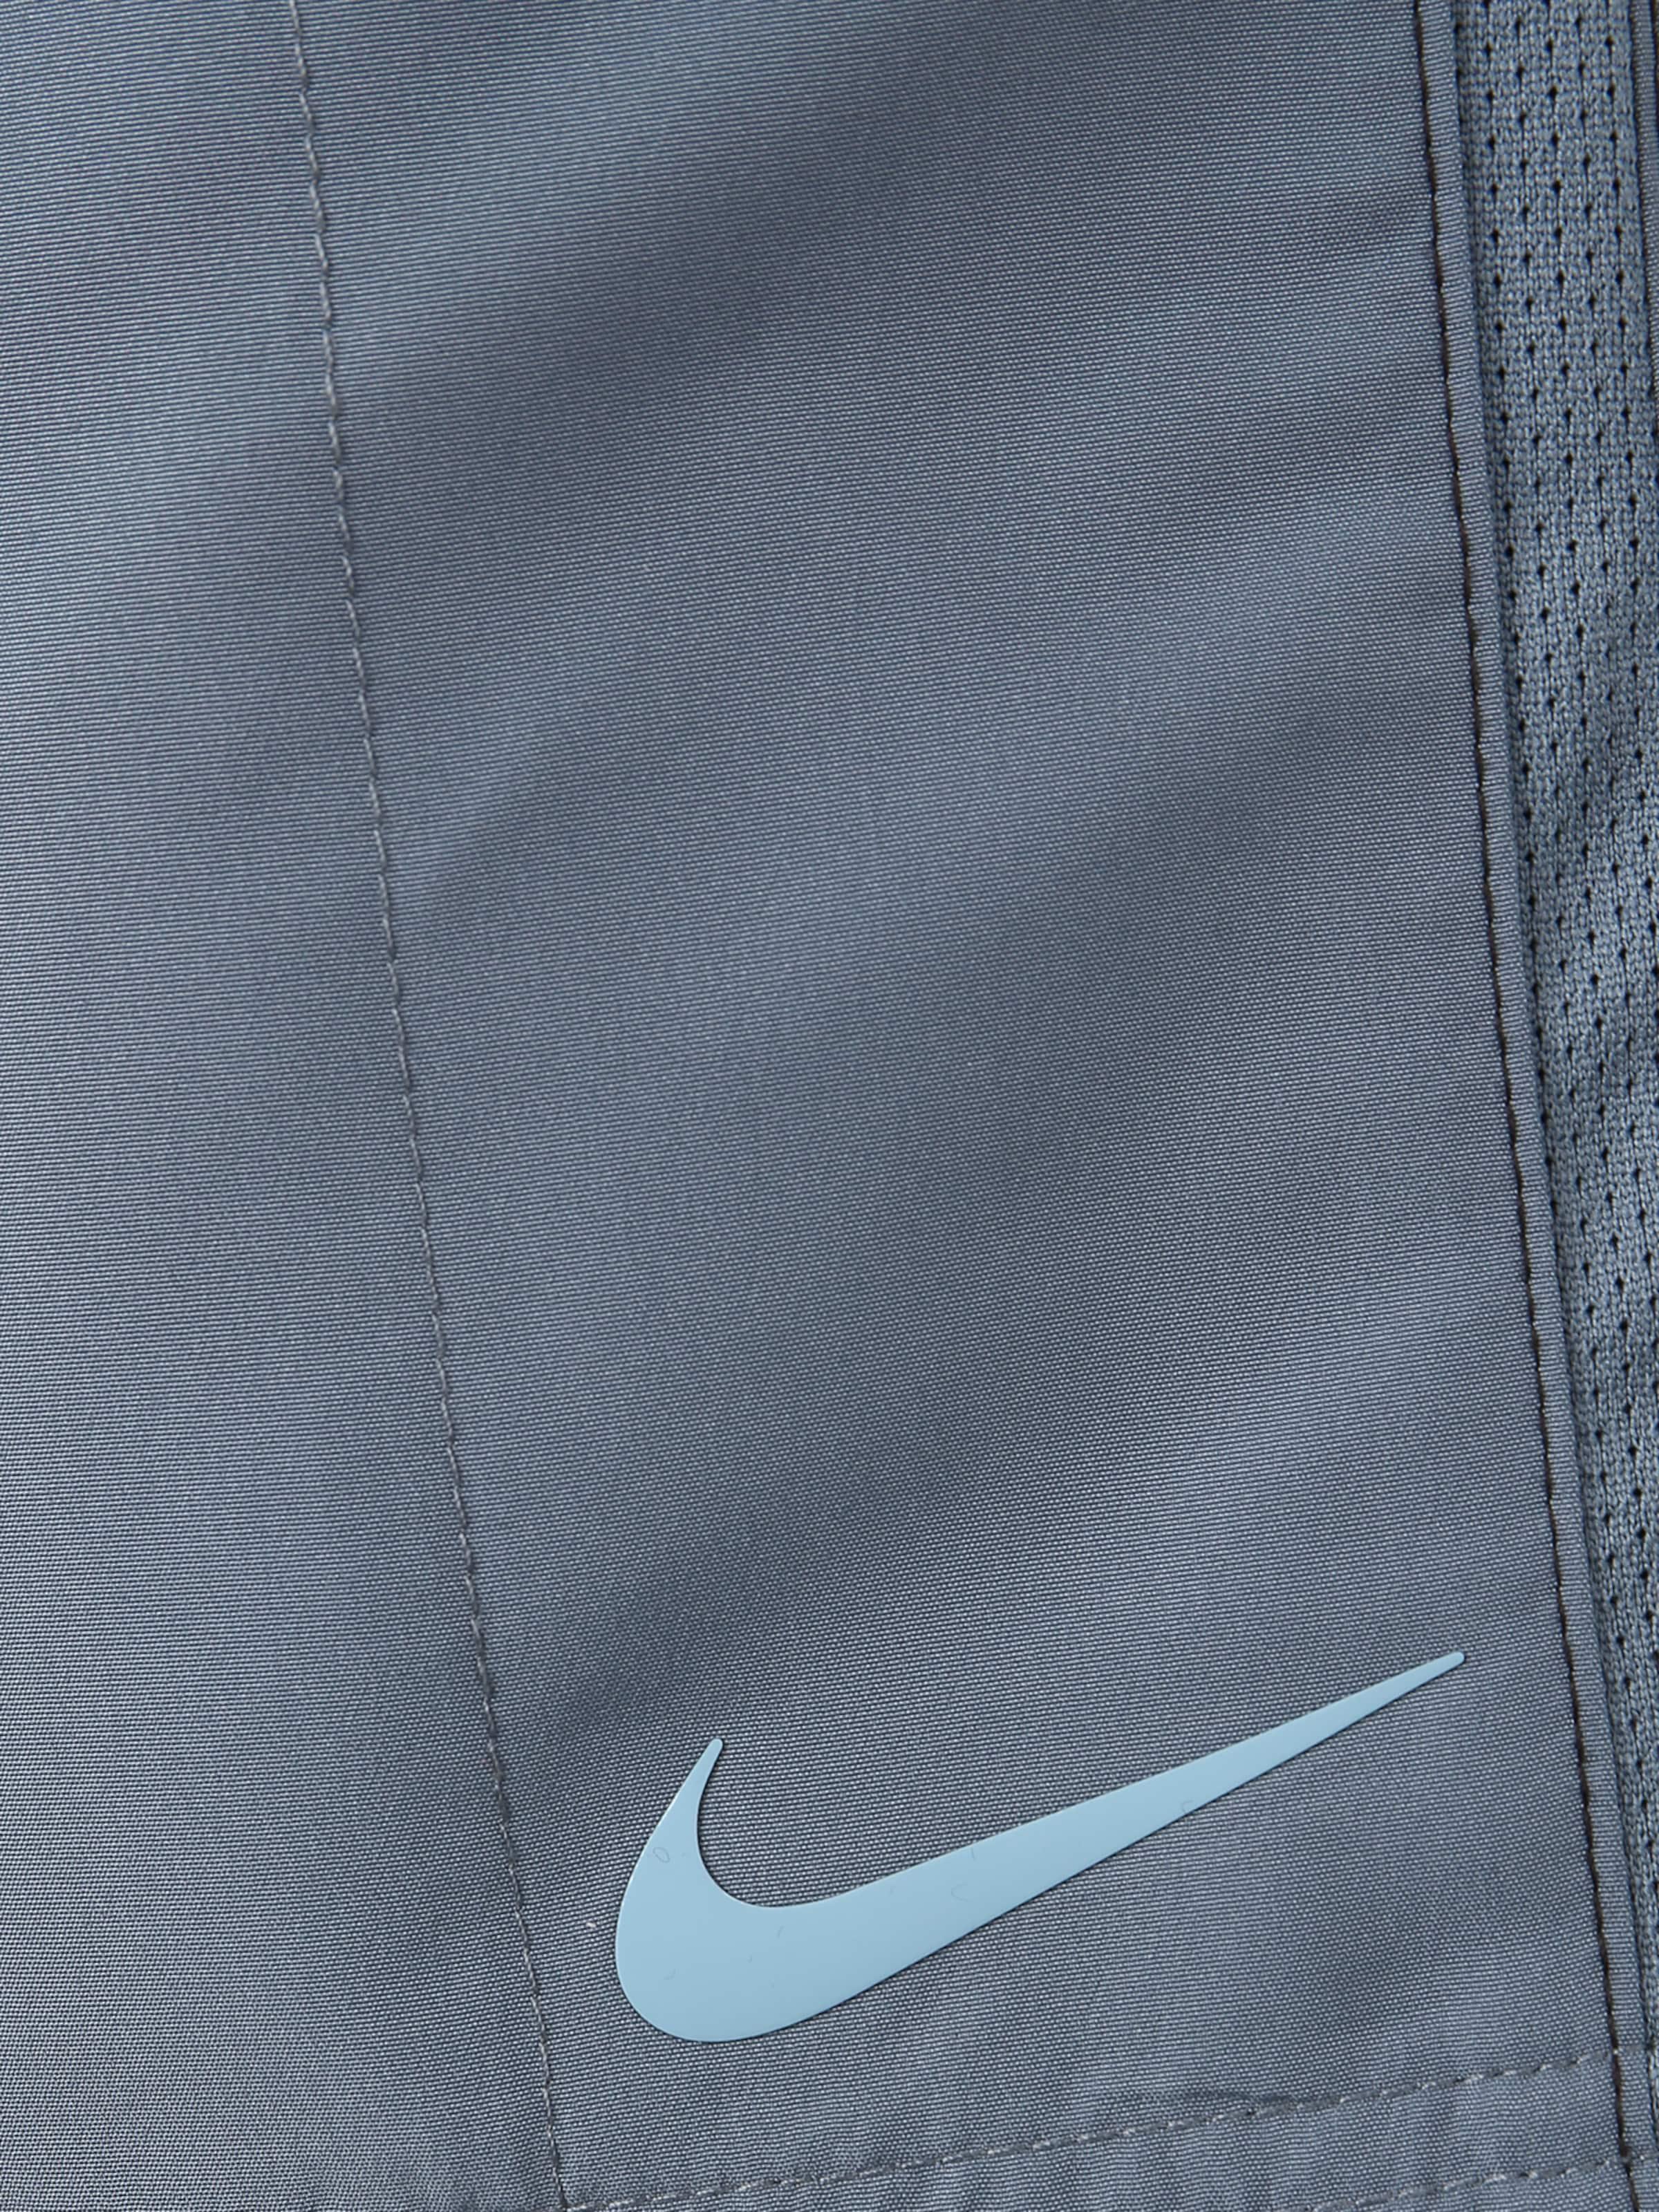 Rabatt Kosten Nike Swim Schwimmshorts 'Core Split 5.5' Finish Online Outlet Beste Geschäft Zu Bekommen Auslass Verkauf Online Günstigsten Preis Online QAmAKSn